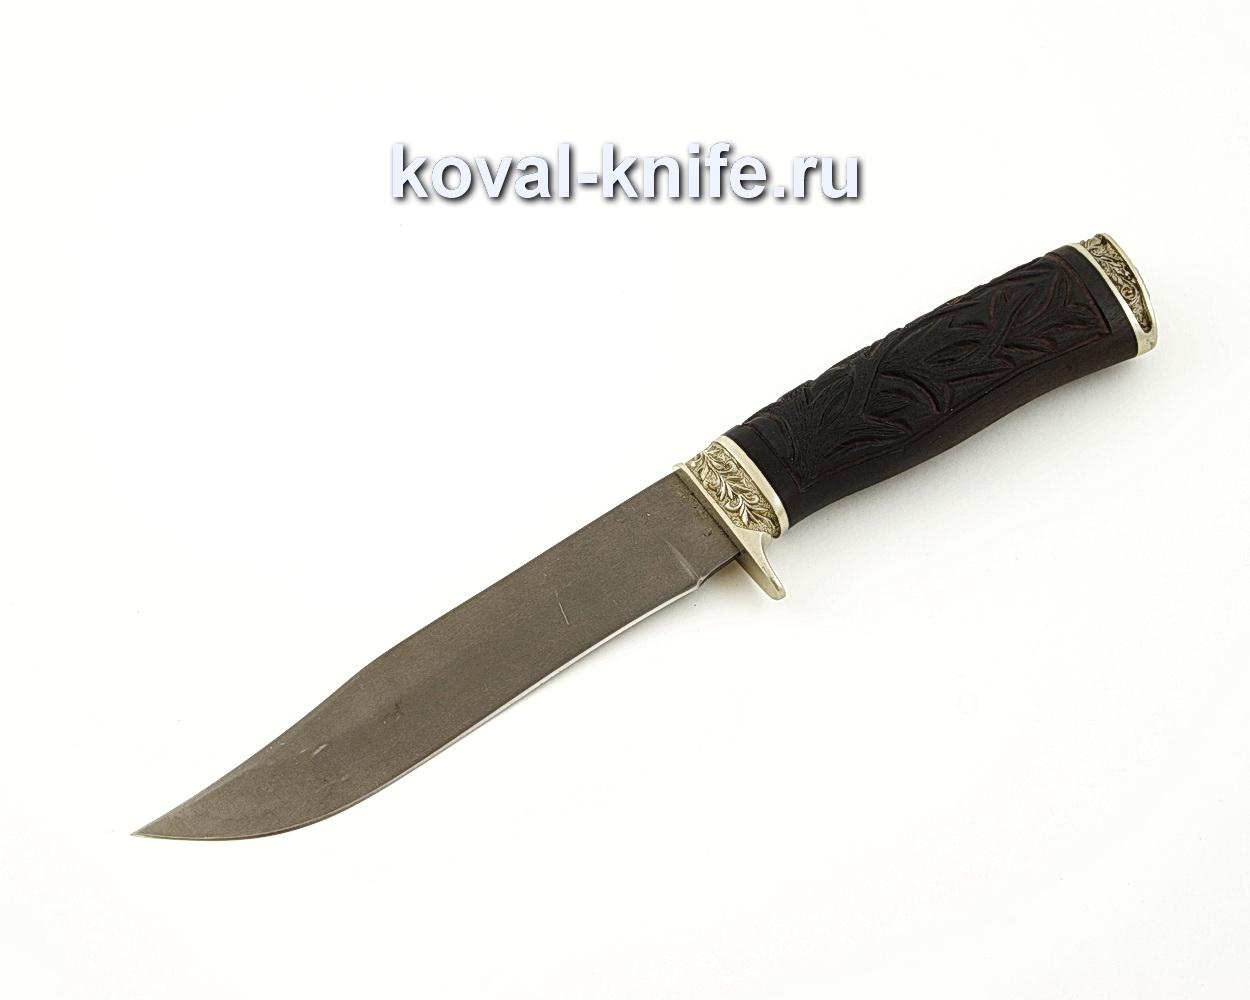 Нож Викинг из кованой стали Х12МФ с резной рукоятью из черного граба, литье мельхиор A551